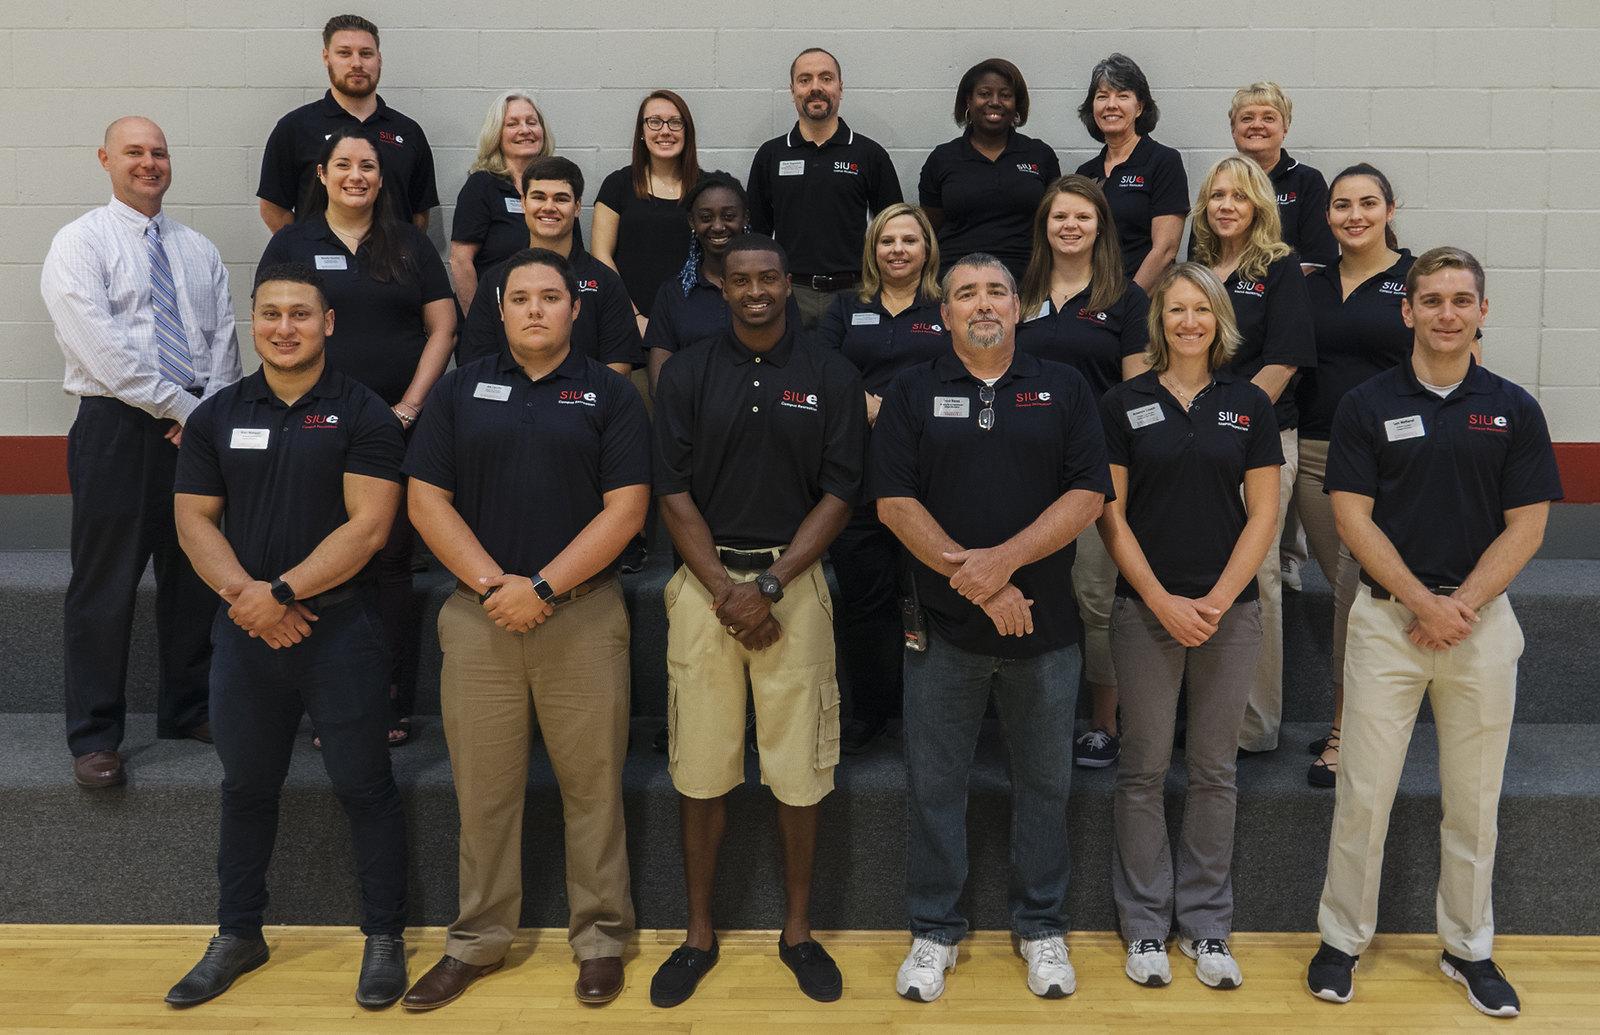 Campus Recreation Staff